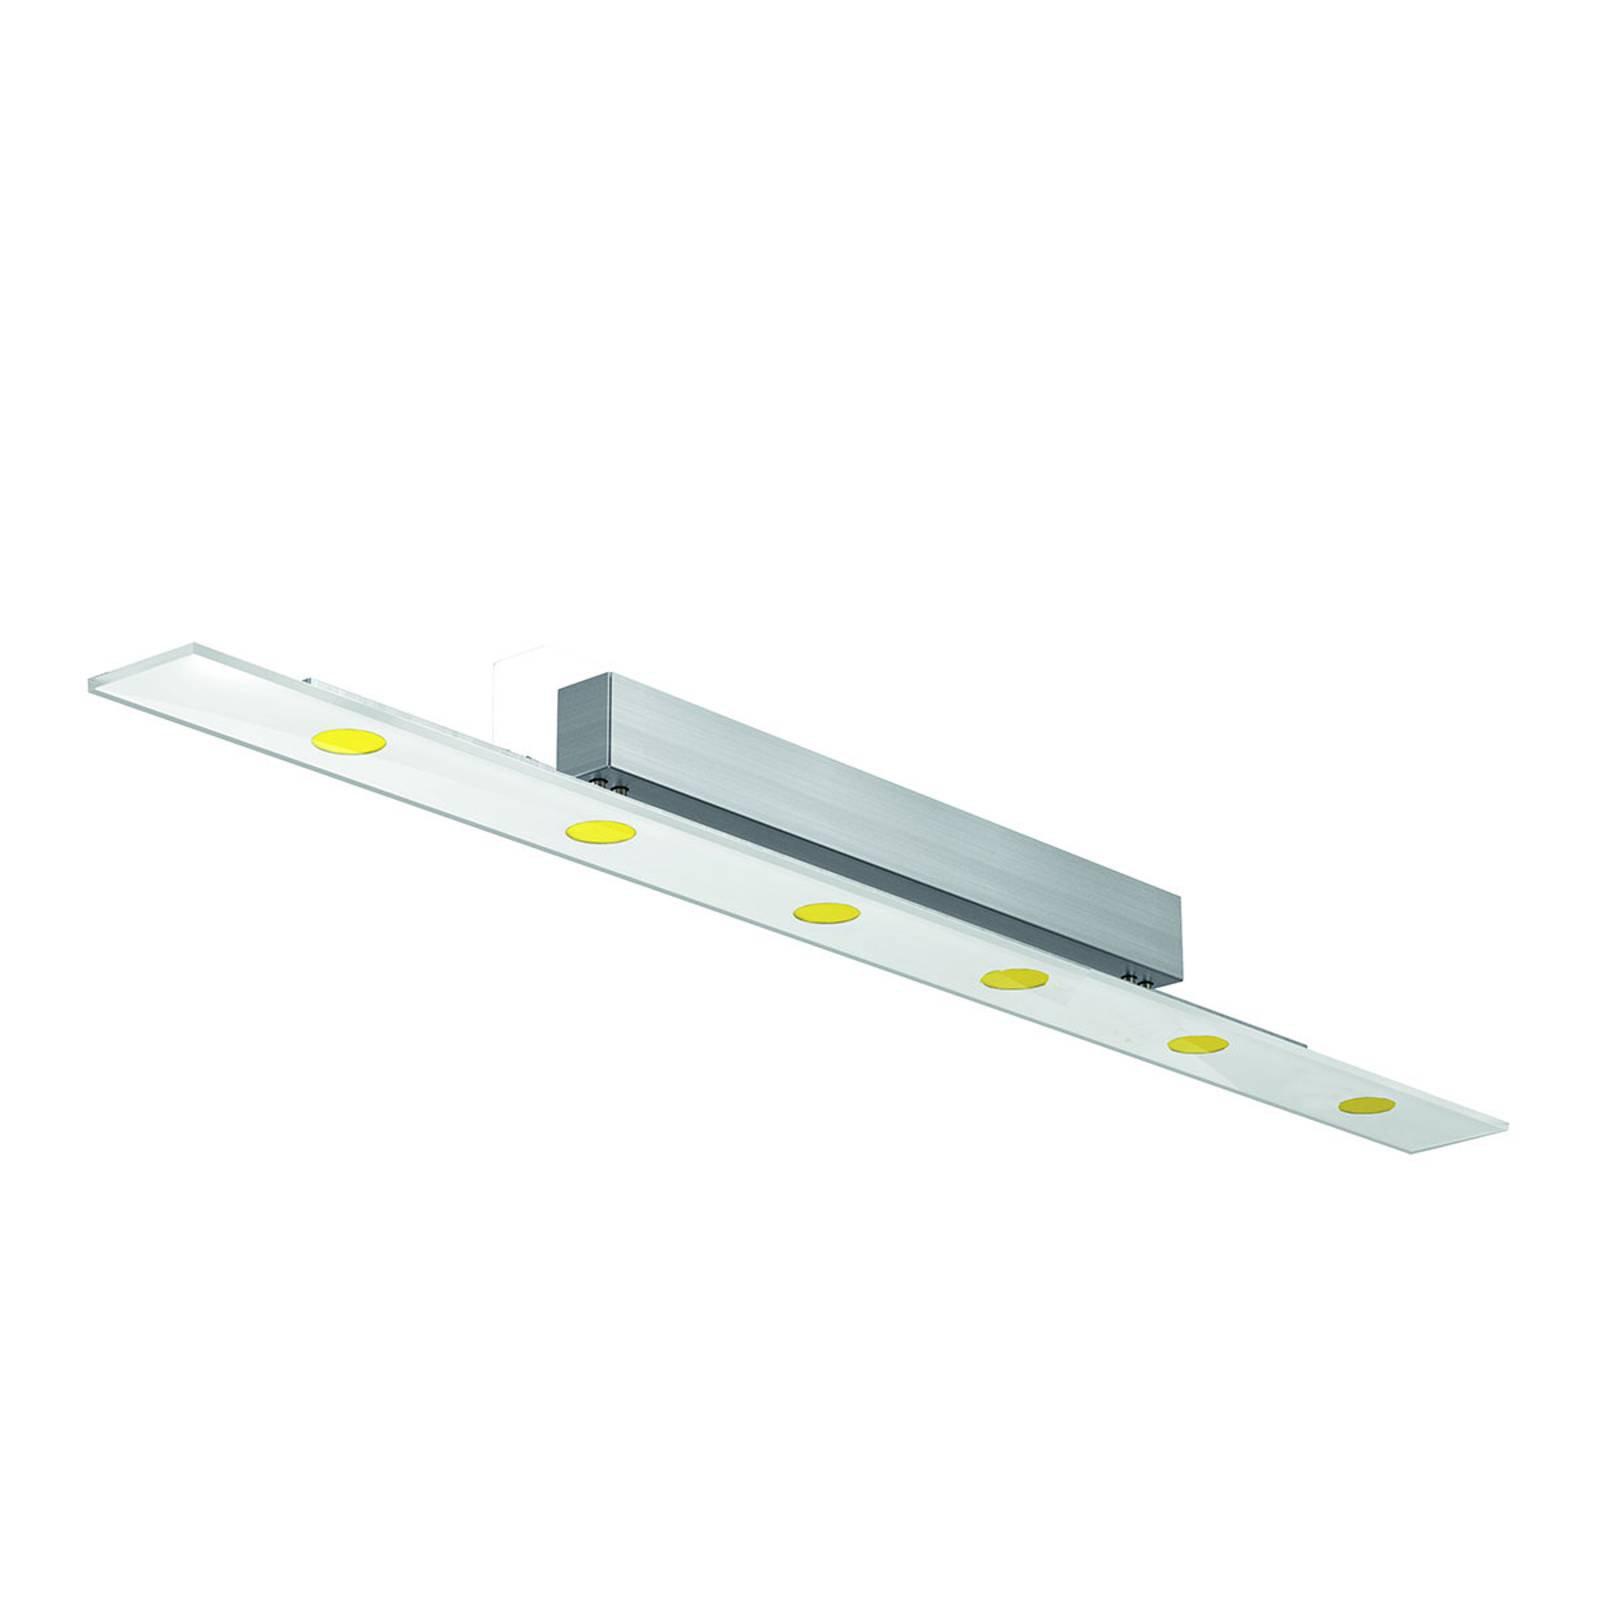 LED-taklampe Sun med ESG-glass på 140 cm